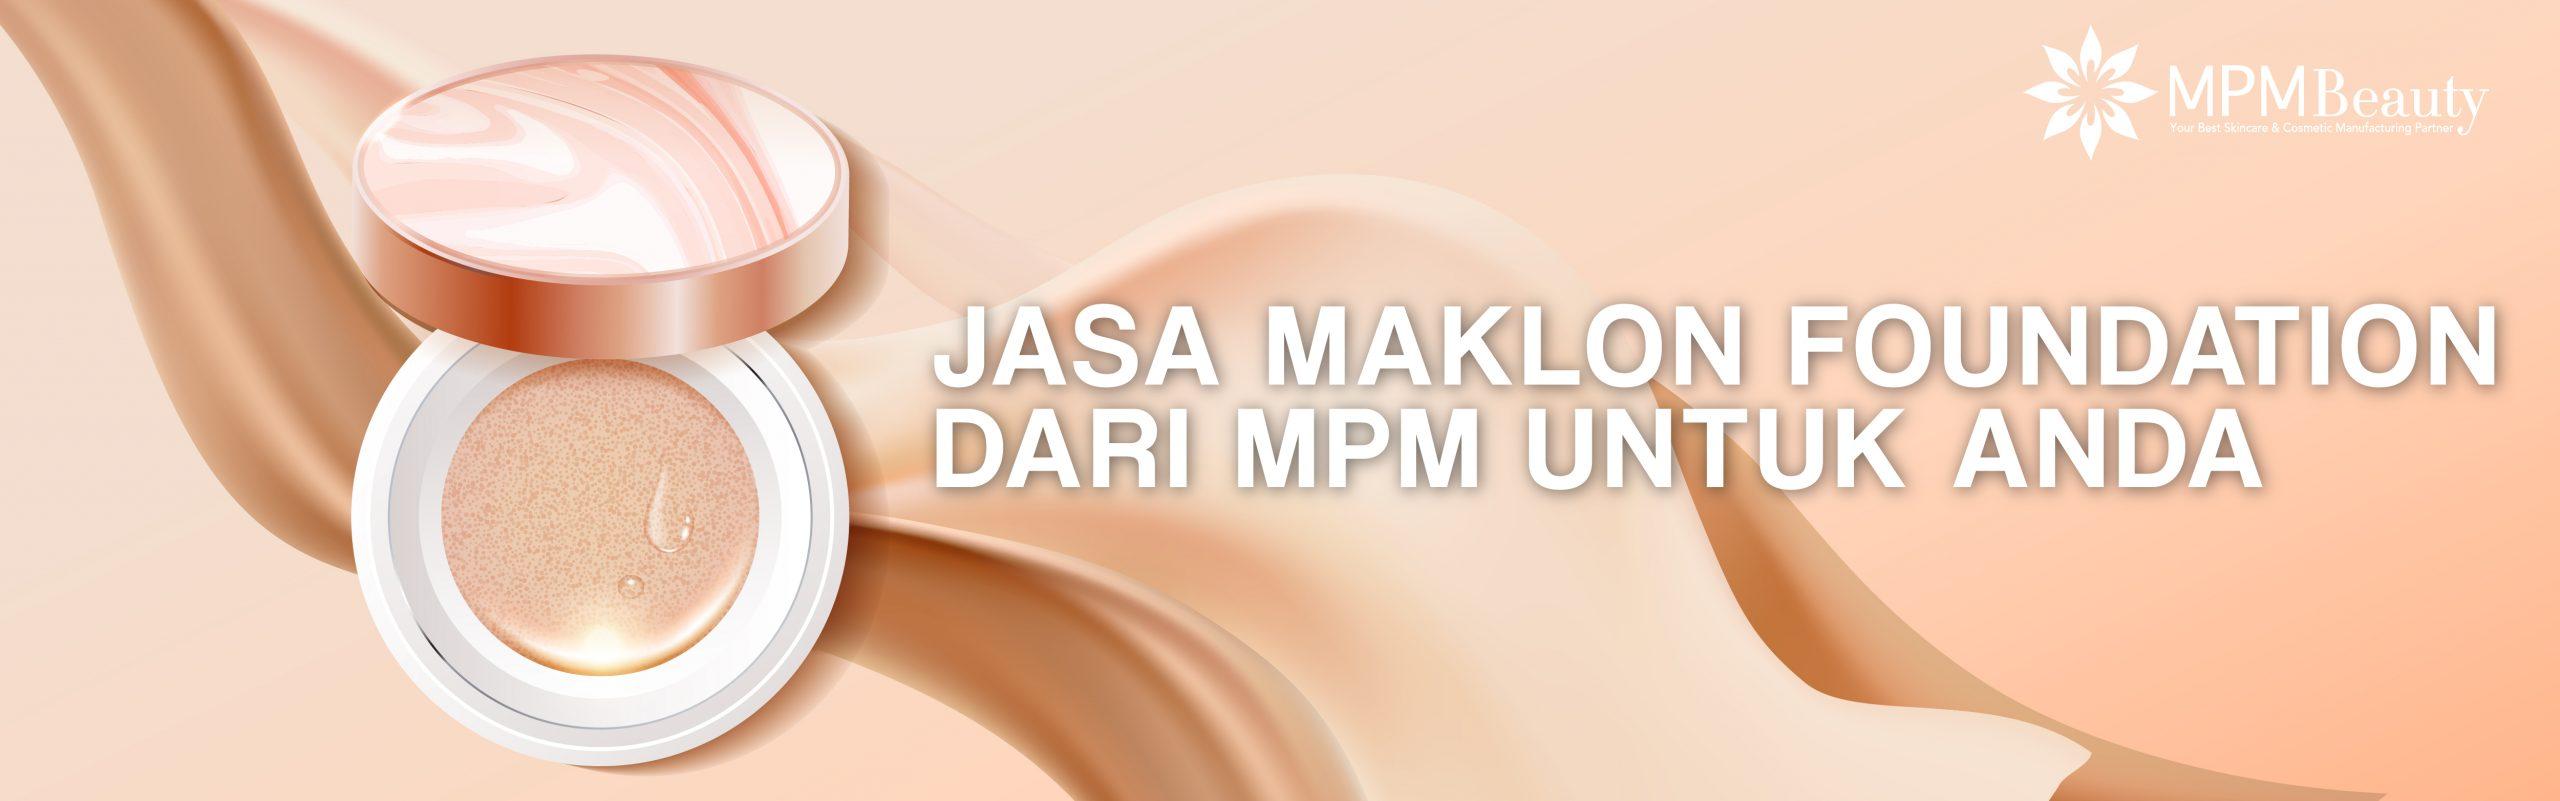 Jasa Maklon Foundation dari MPM untuk Anda